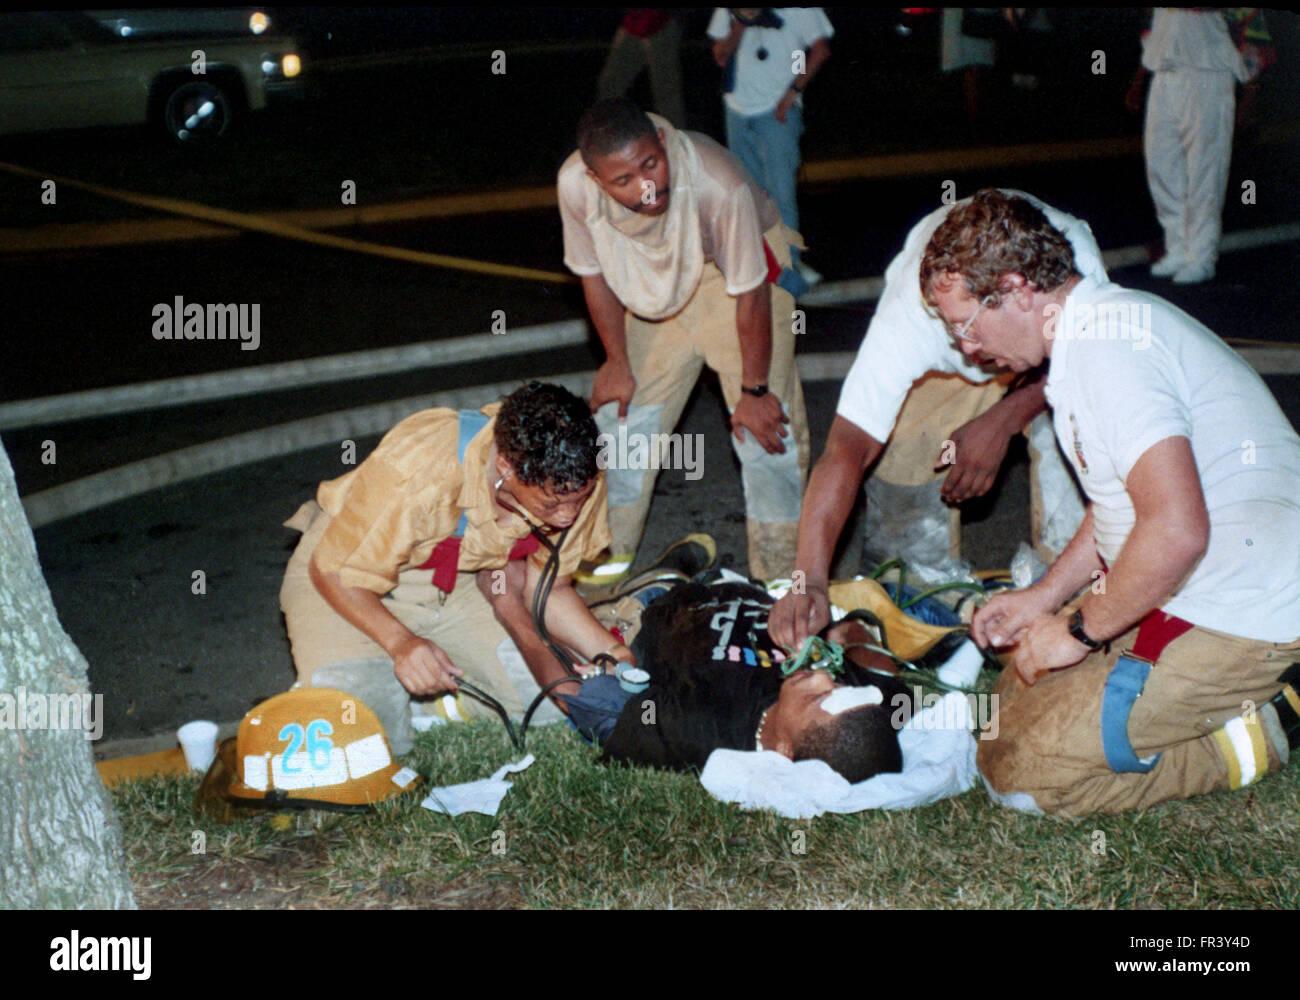 Medicina sul lavoro vigile del fuoco che è crollato dopo essere superati con il calore e il fumo di un incendio Immagini Stock